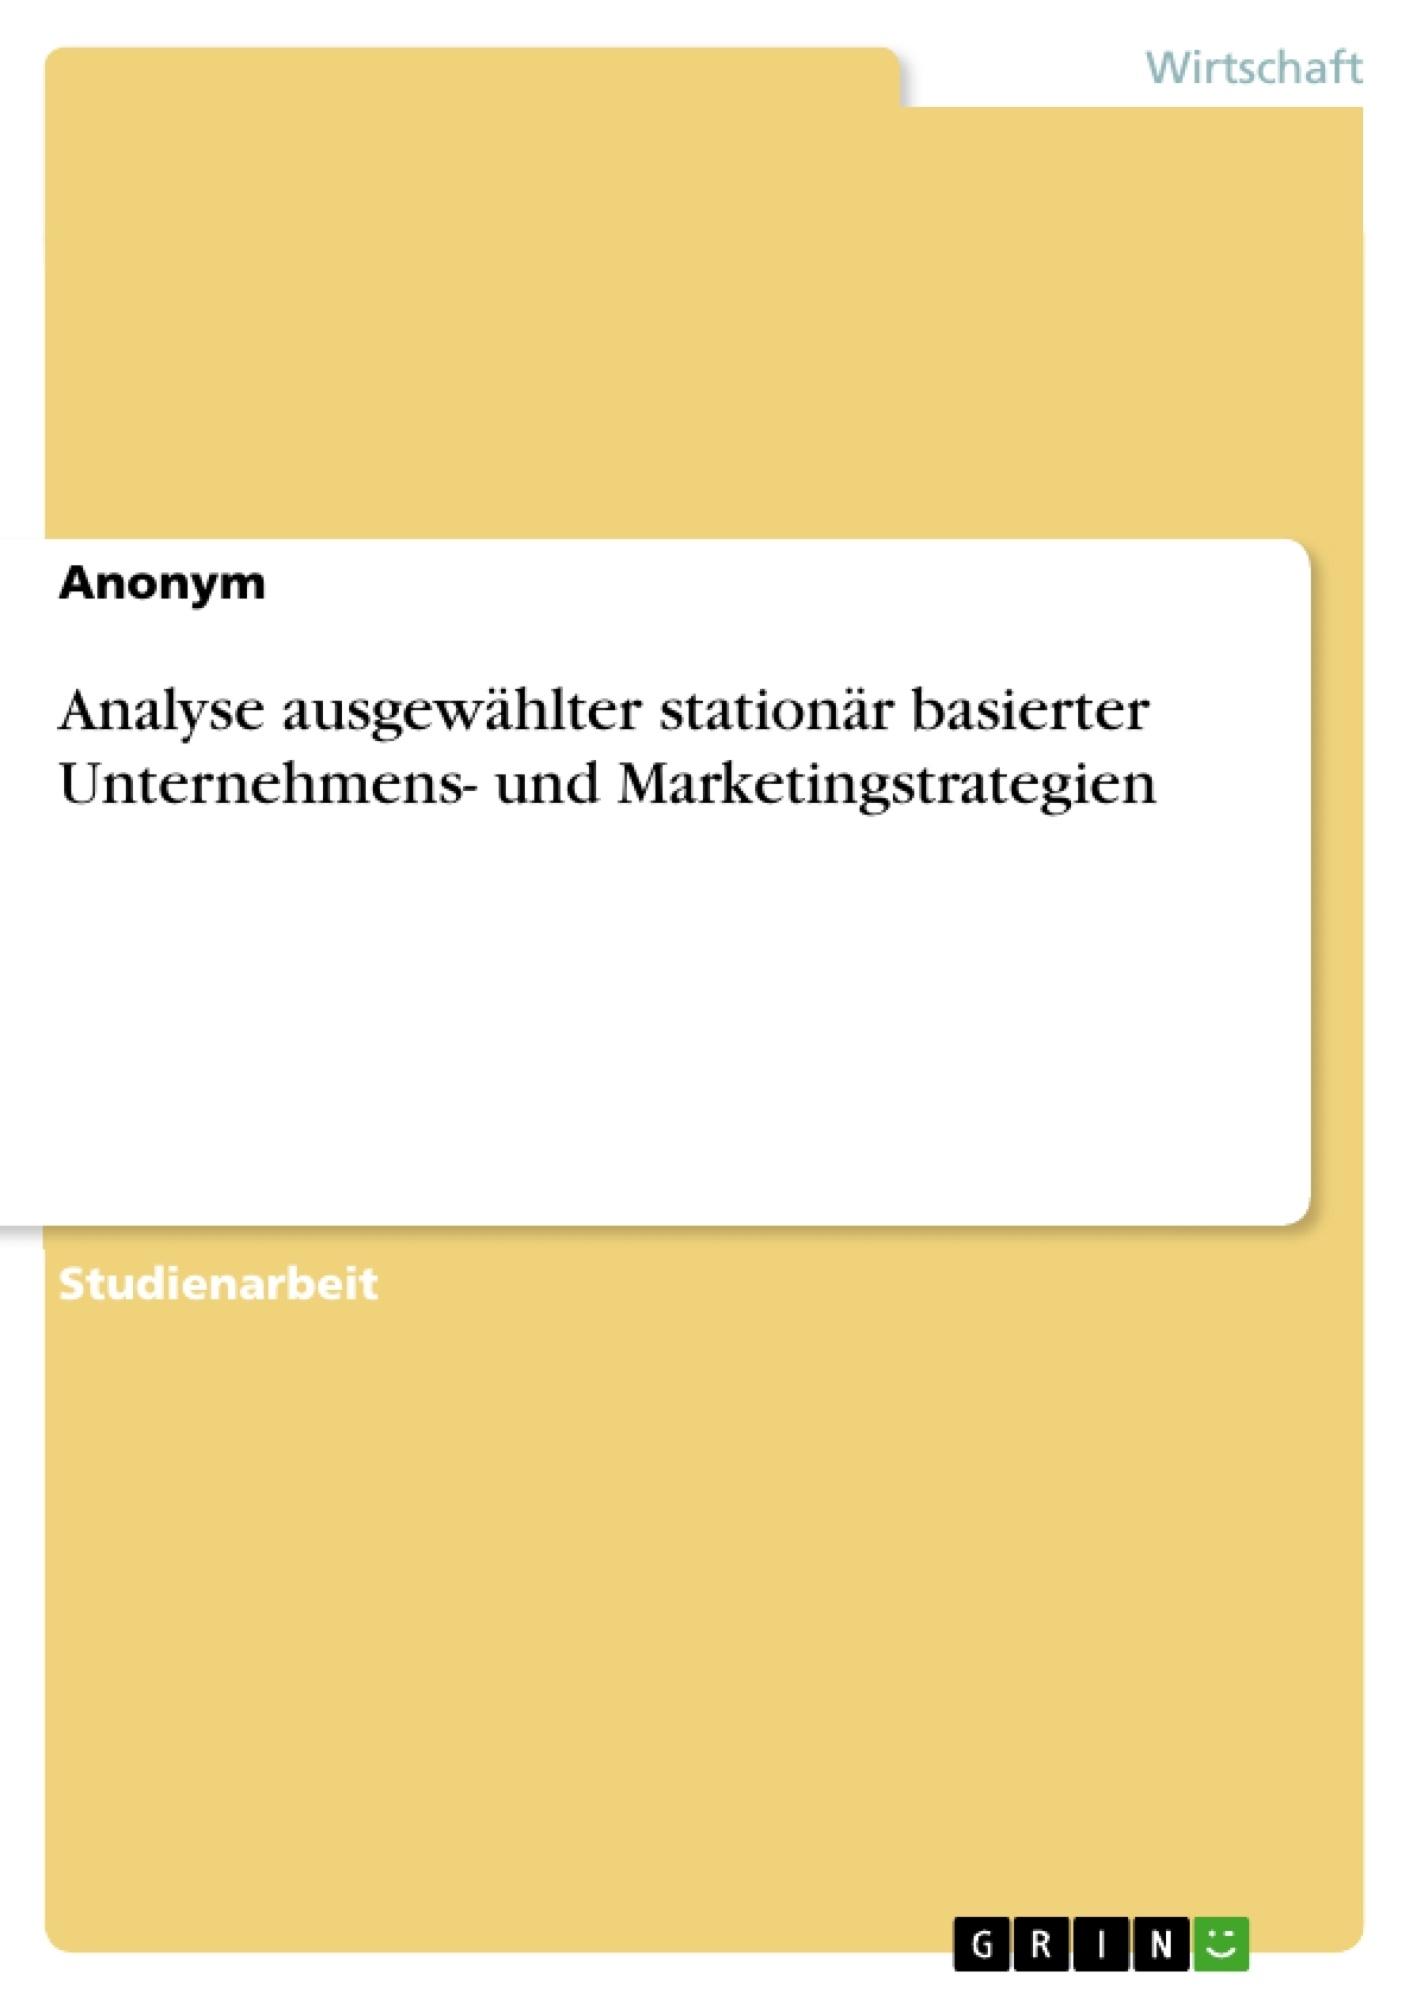 Titel: Analyse ausgewählter stationär basierter Unternehmens- und Marketingstrategien